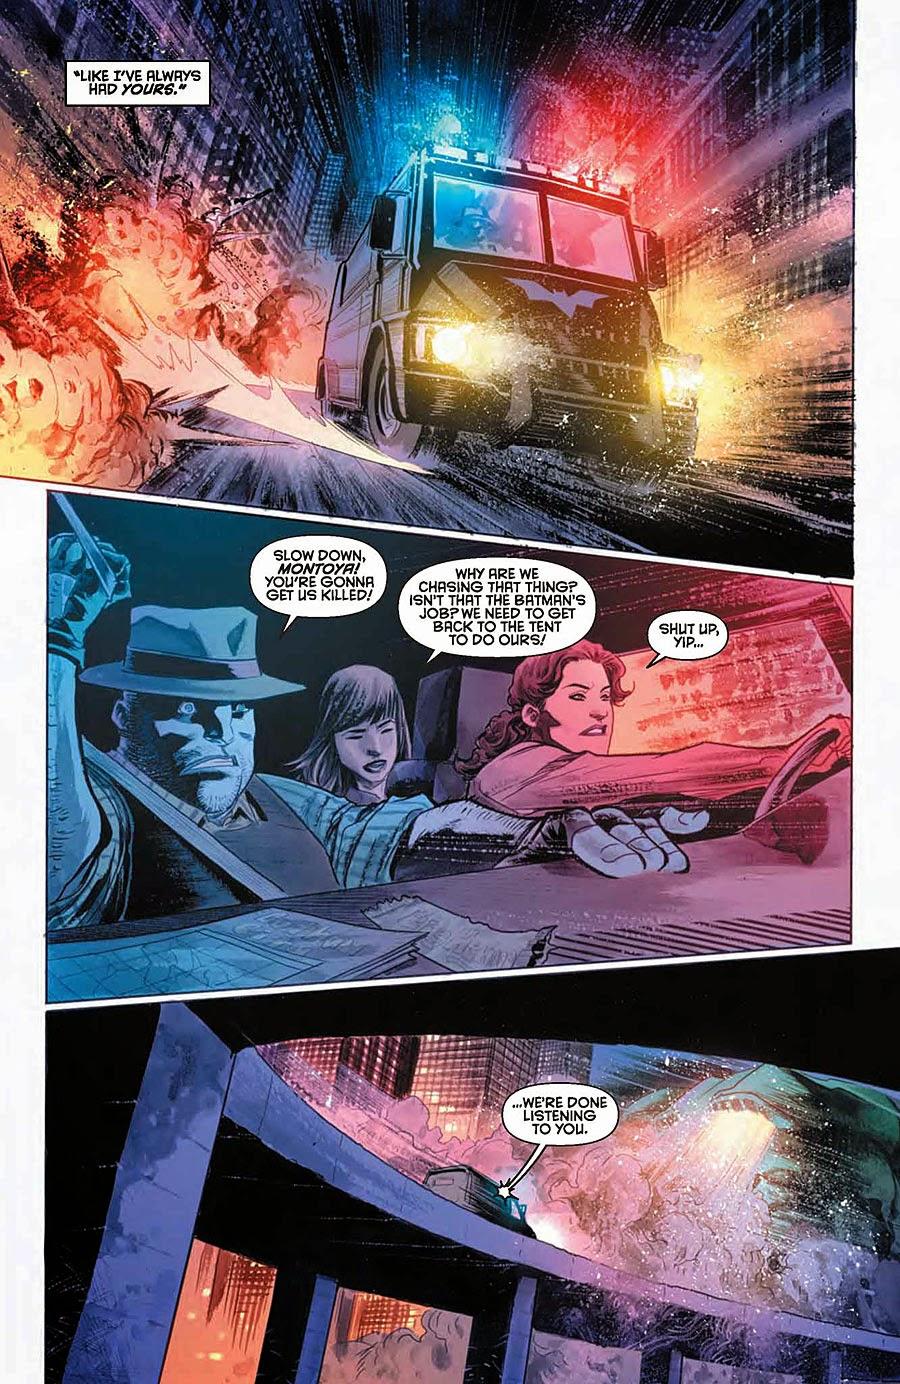 [Batman USA] - Notícias diversas do Morcego !!! - Página 2 DTC-950-dyluxlo-res-crop-Page-3-2048-55490da2be1ea5-38351142-1e06f